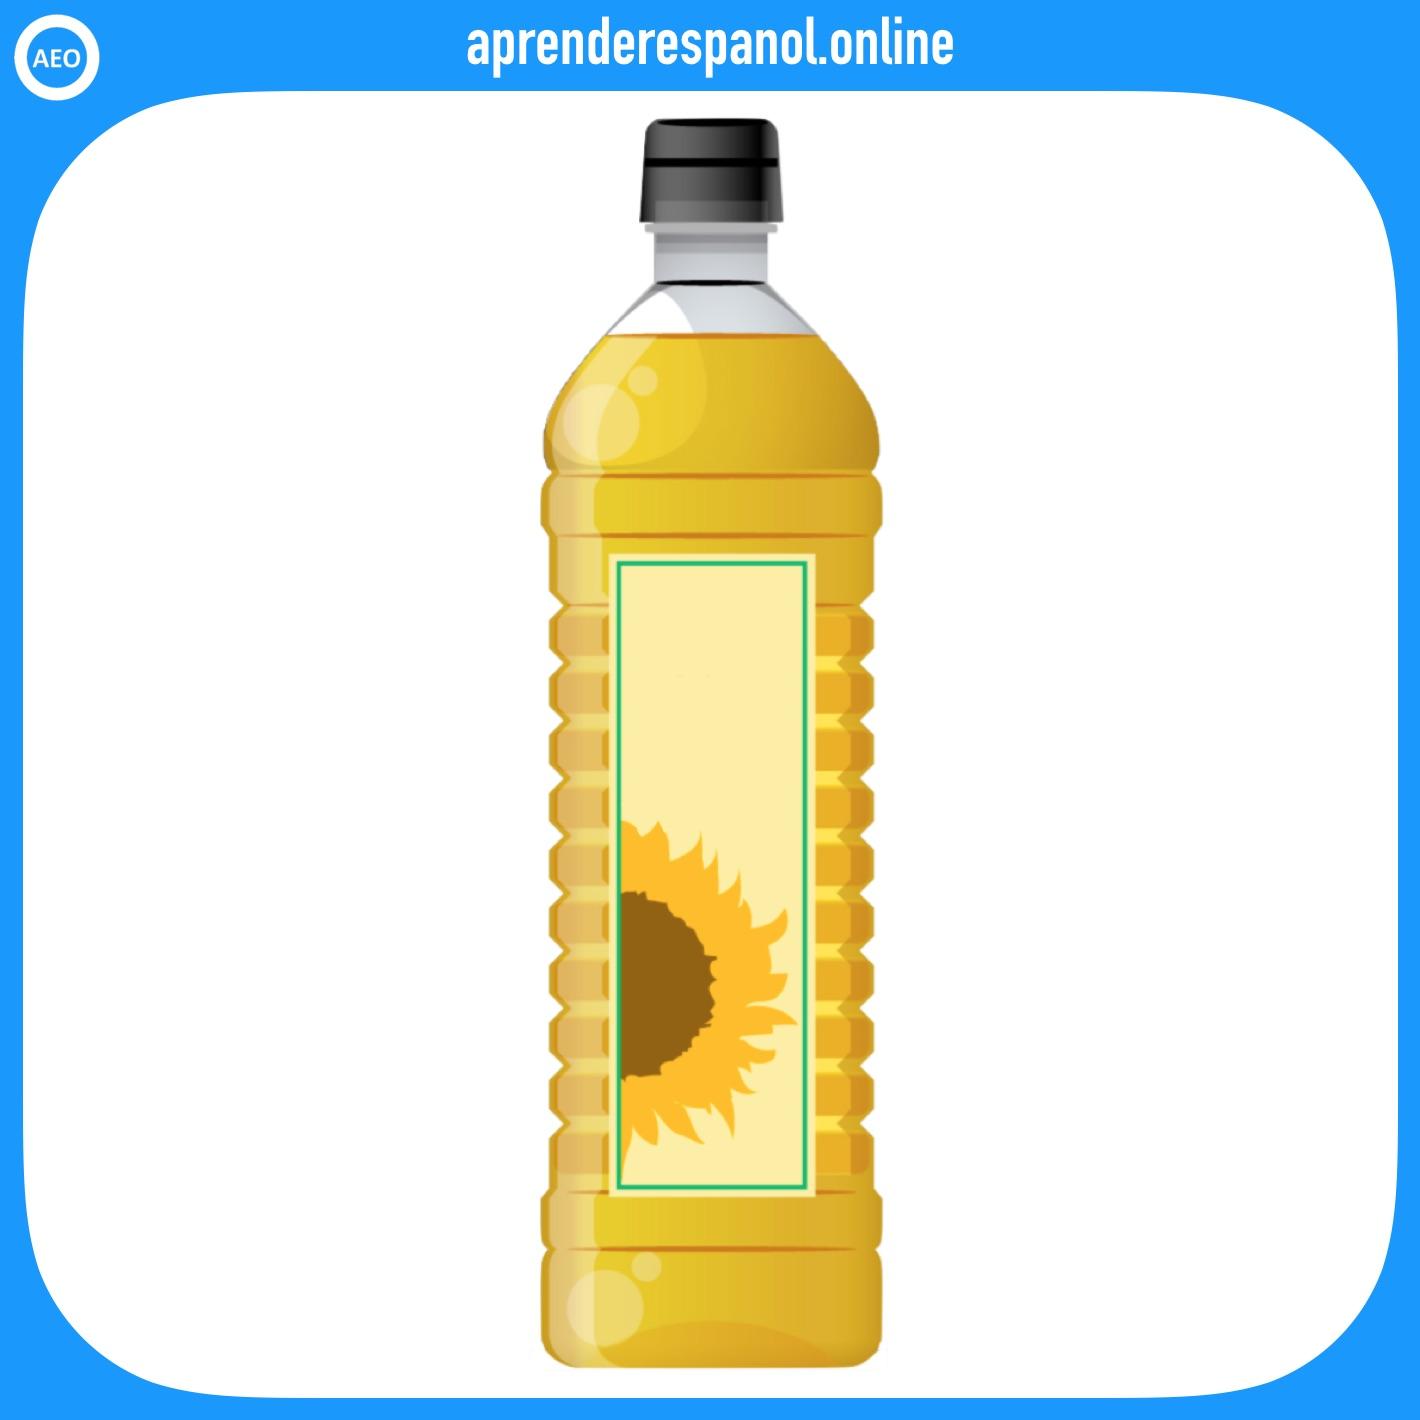 aceite   alimentos en español   vocabulario de los alimentos en español